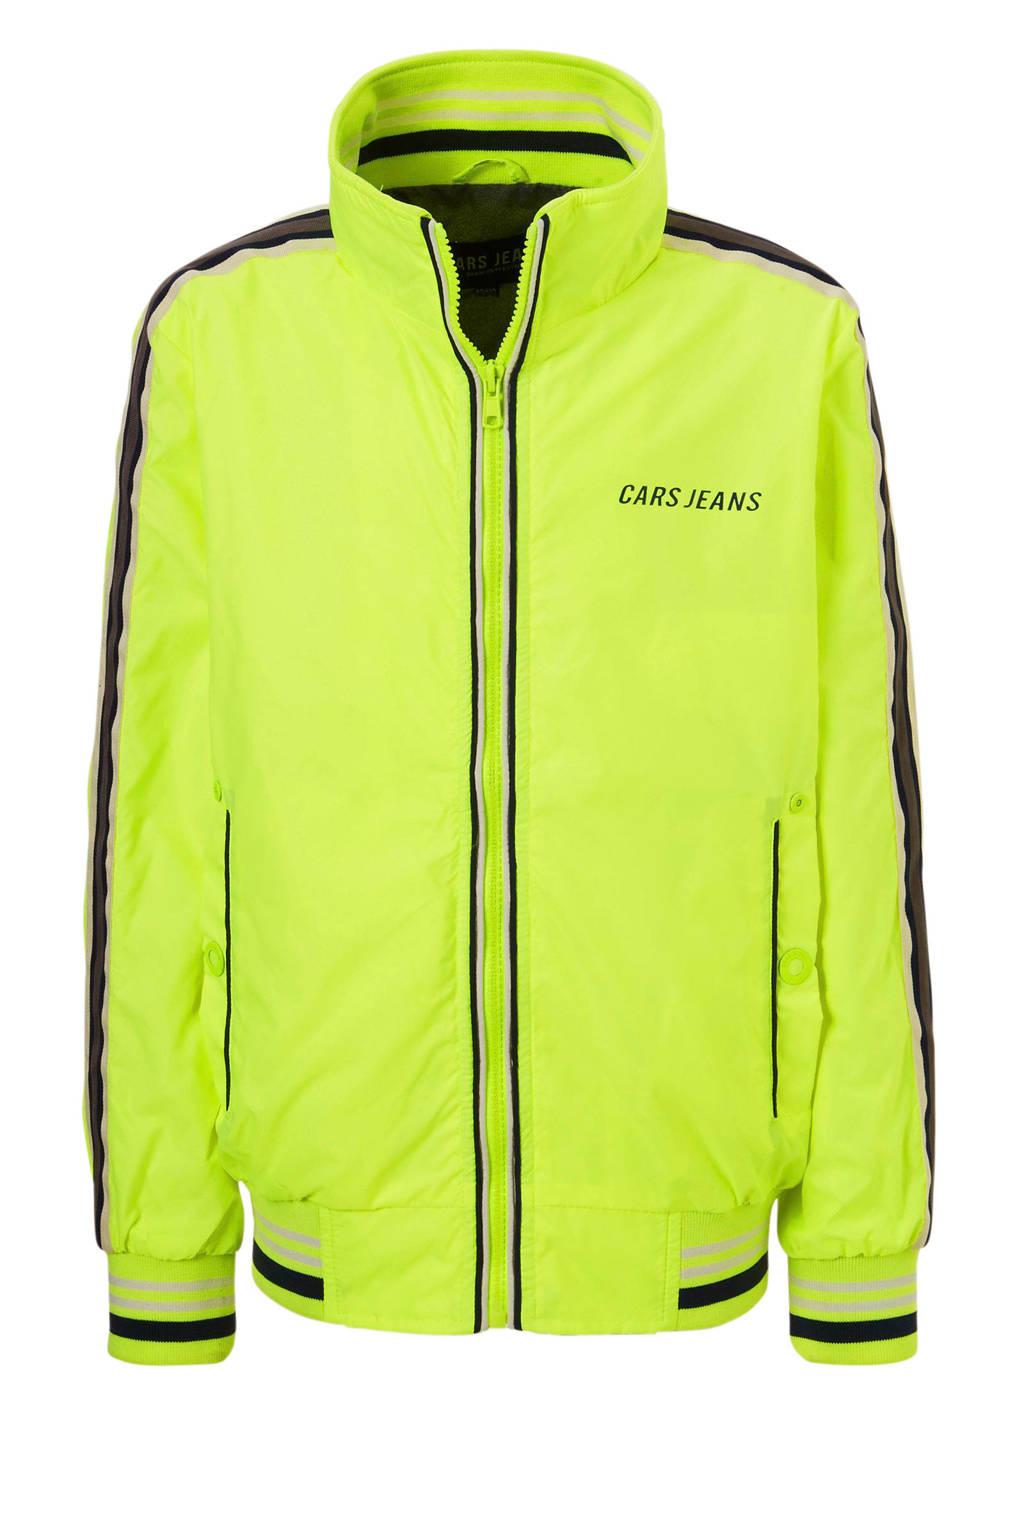 Cars zomerjas Duster geel, Neon geel